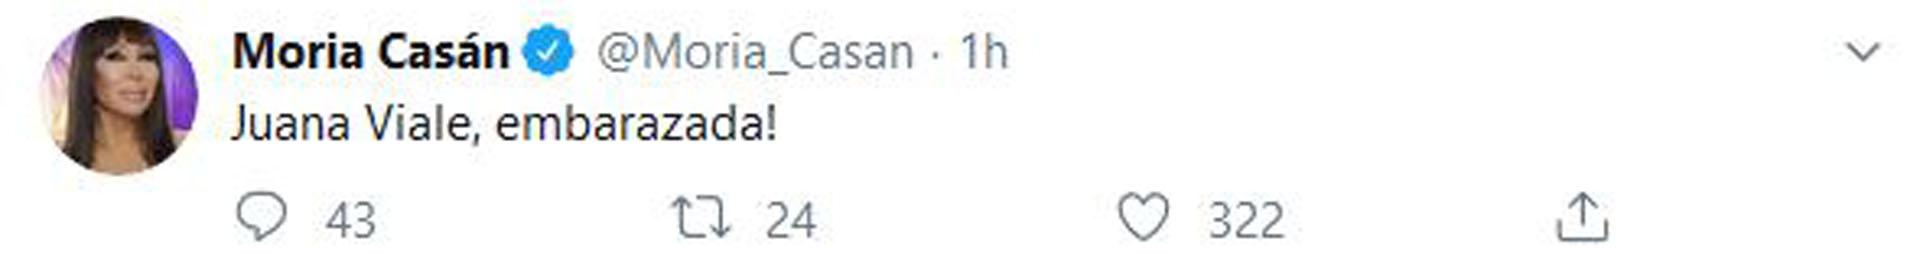 El tuit de Moria Casán sobre el supuesto embarazo de Juana Viale